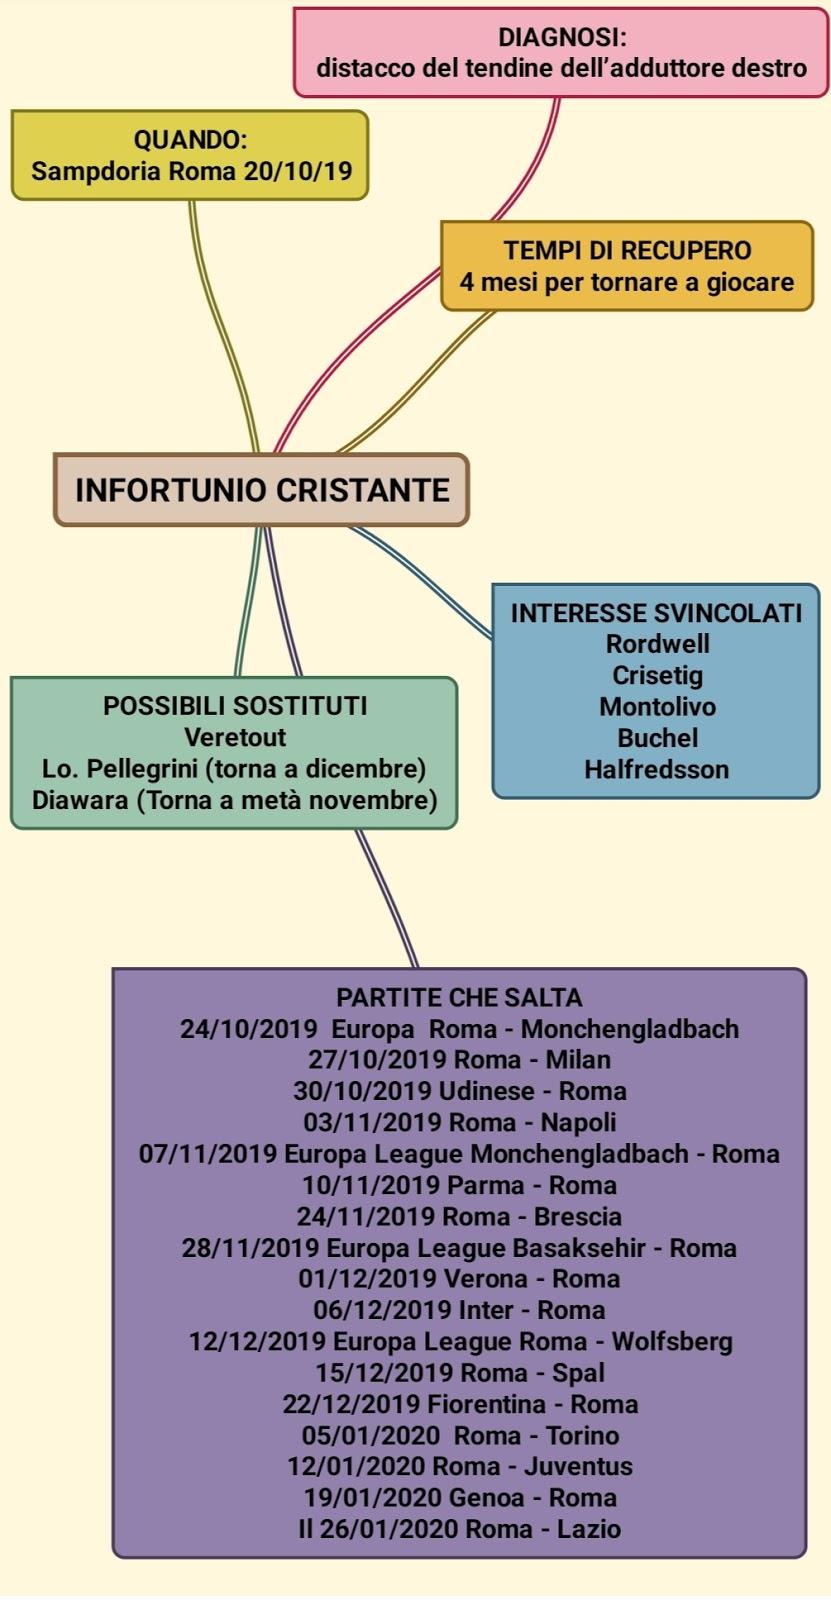 Infografica Cristante: infortunio e tempi di recupero